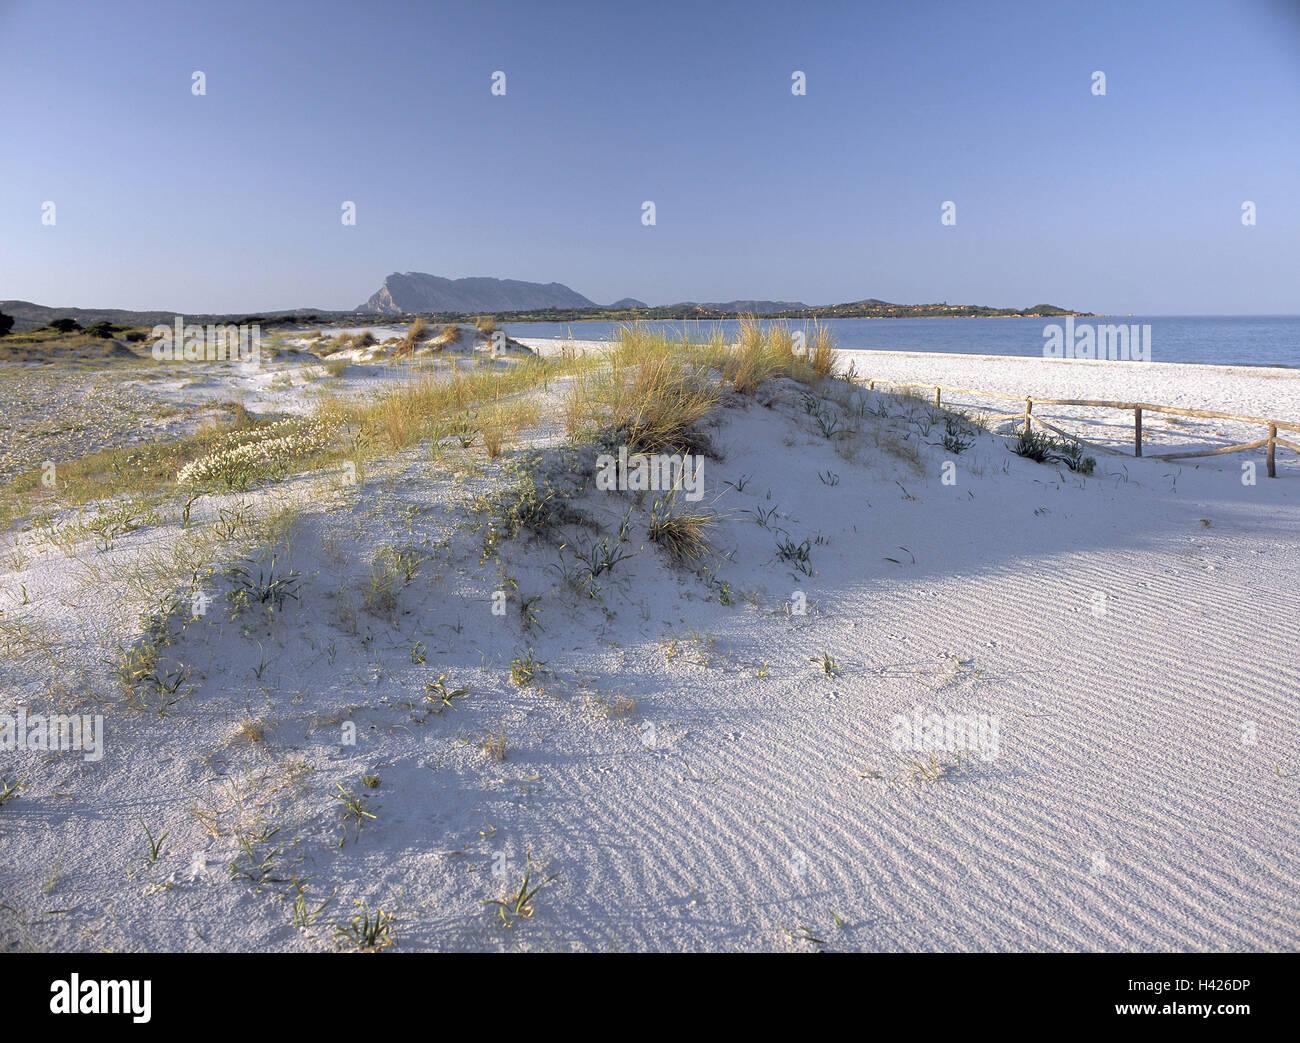 Italia, Cerdeña, San Teodoro, playa de arena, Europa, el Mediterráneo, la isla, al norte-este de la isla, región Foto de stock